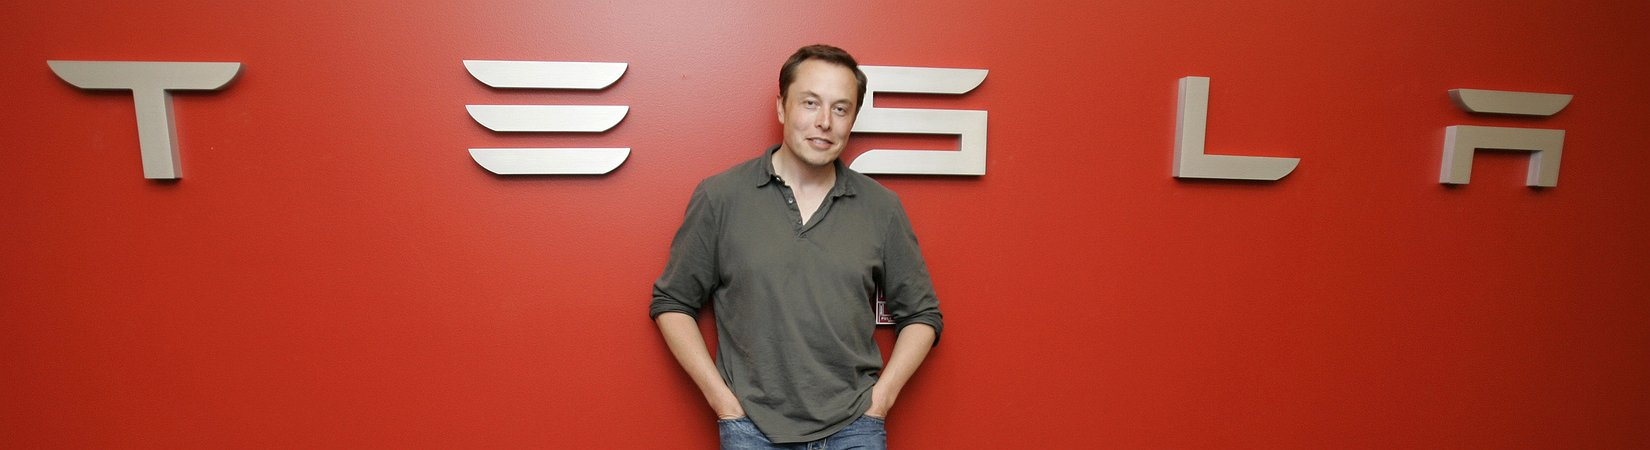 Elon Musk revela datos sobre el lanzamiento del Model 3 de Tesla